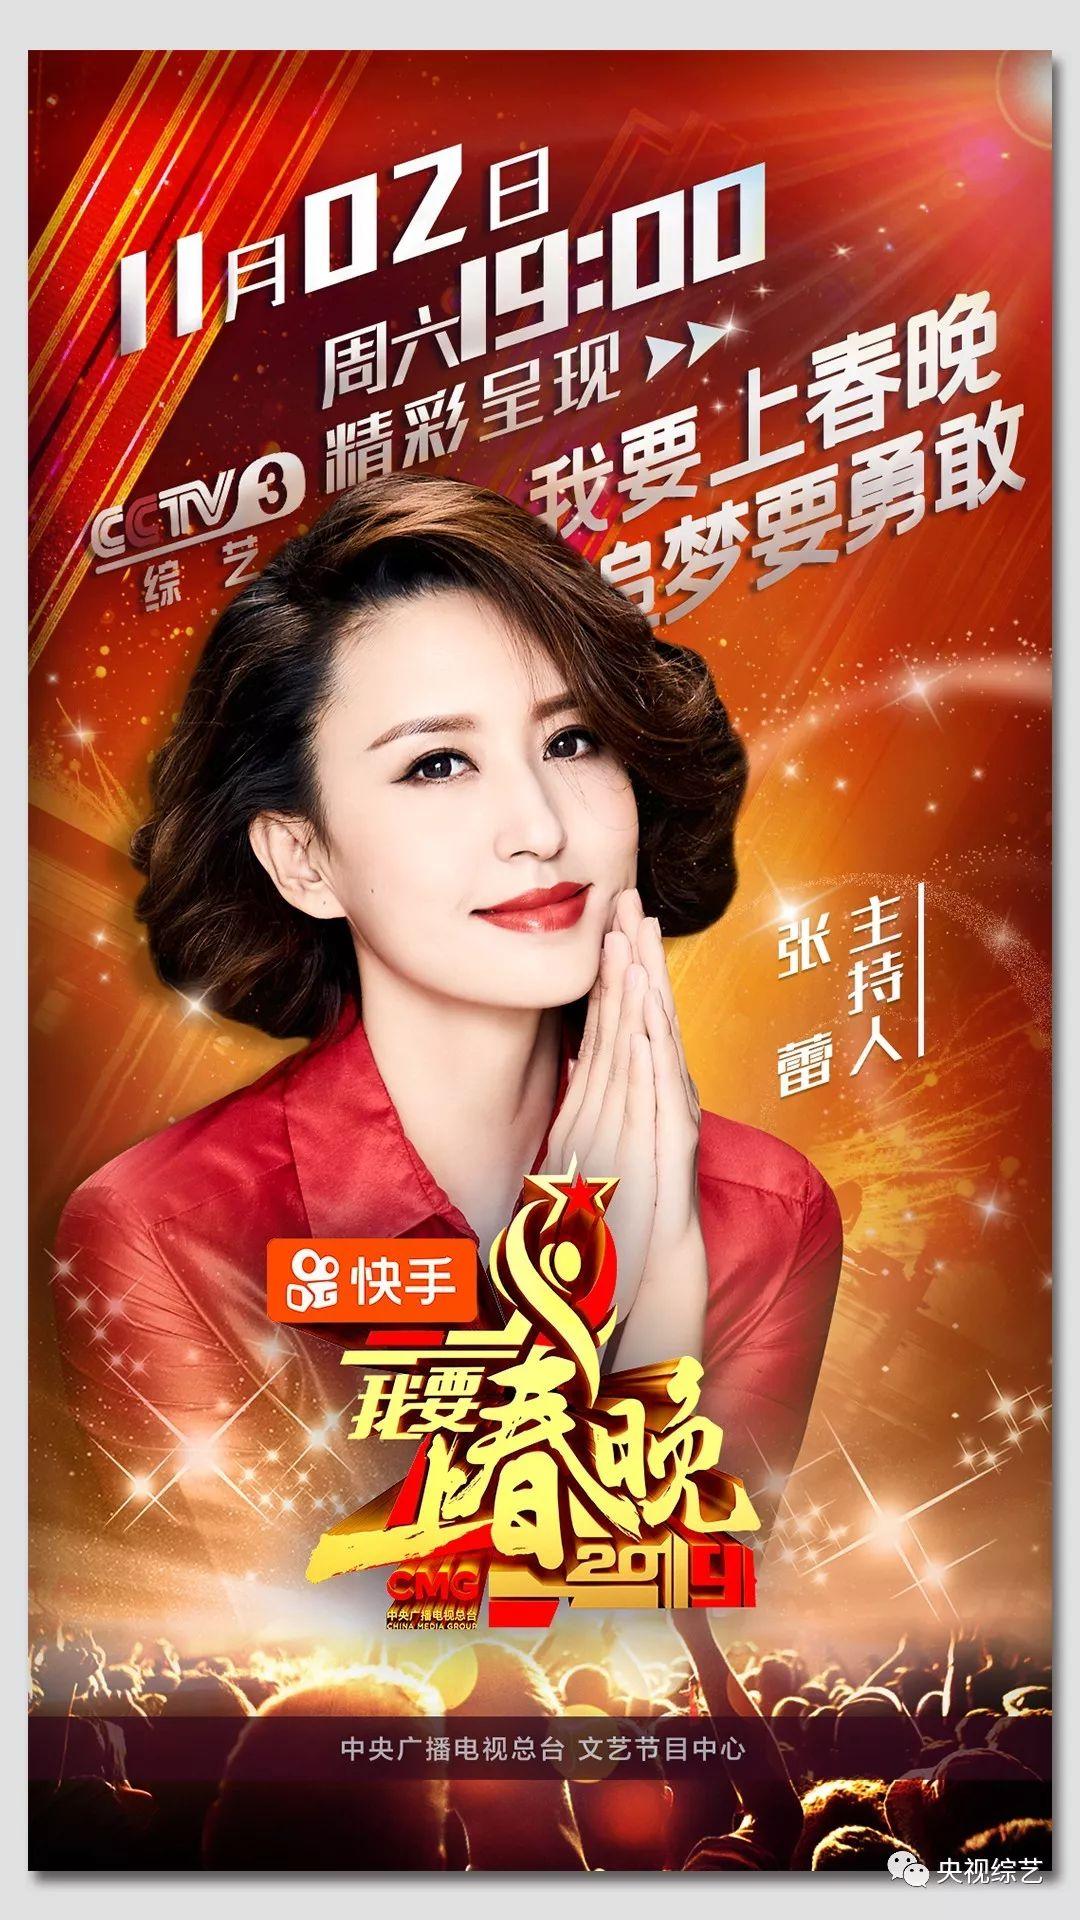 张国强、高伟光、范明、杨迪母子邀你来看《我要上春晚》_倪虹洁